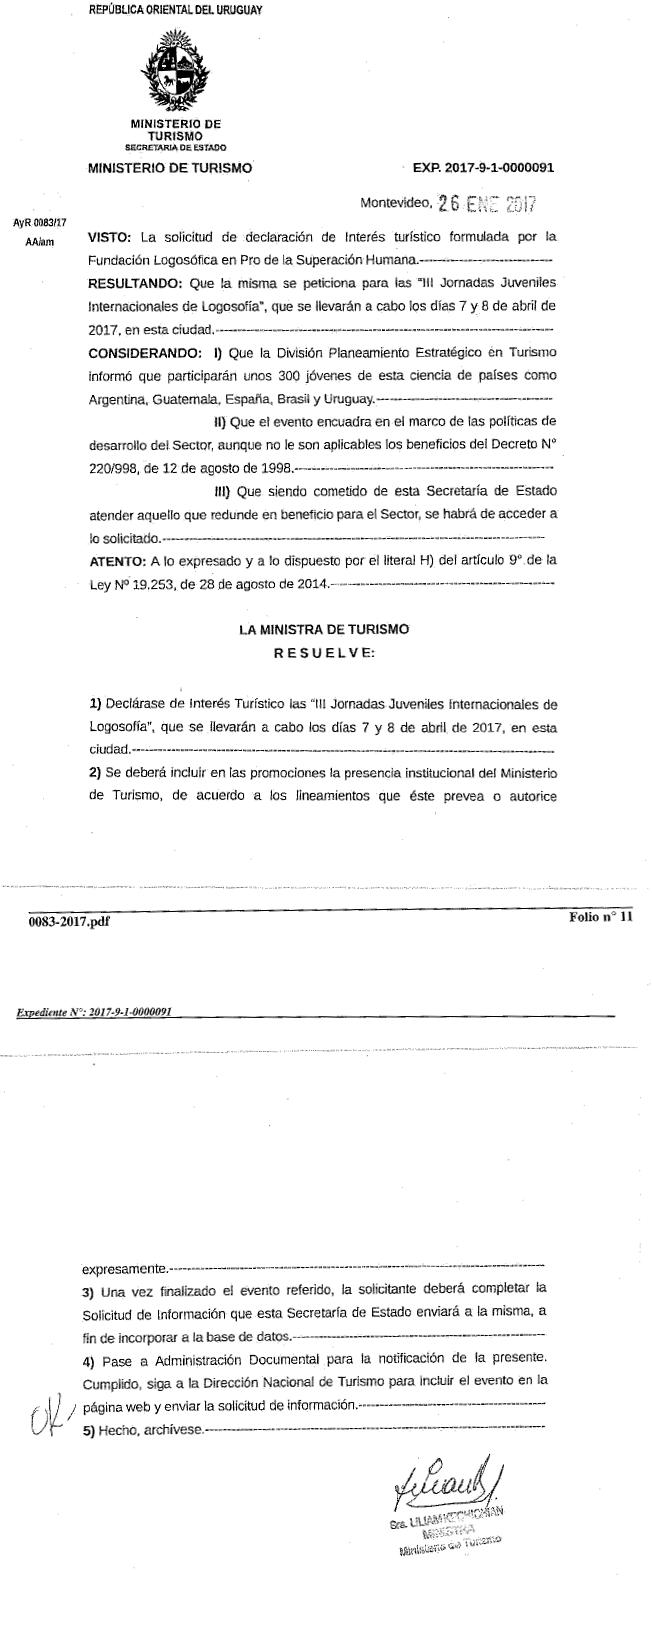 Declaración de Jornadas Juveniles en Montevideo de Interés Turístico por parte del Ministerio de Turismo